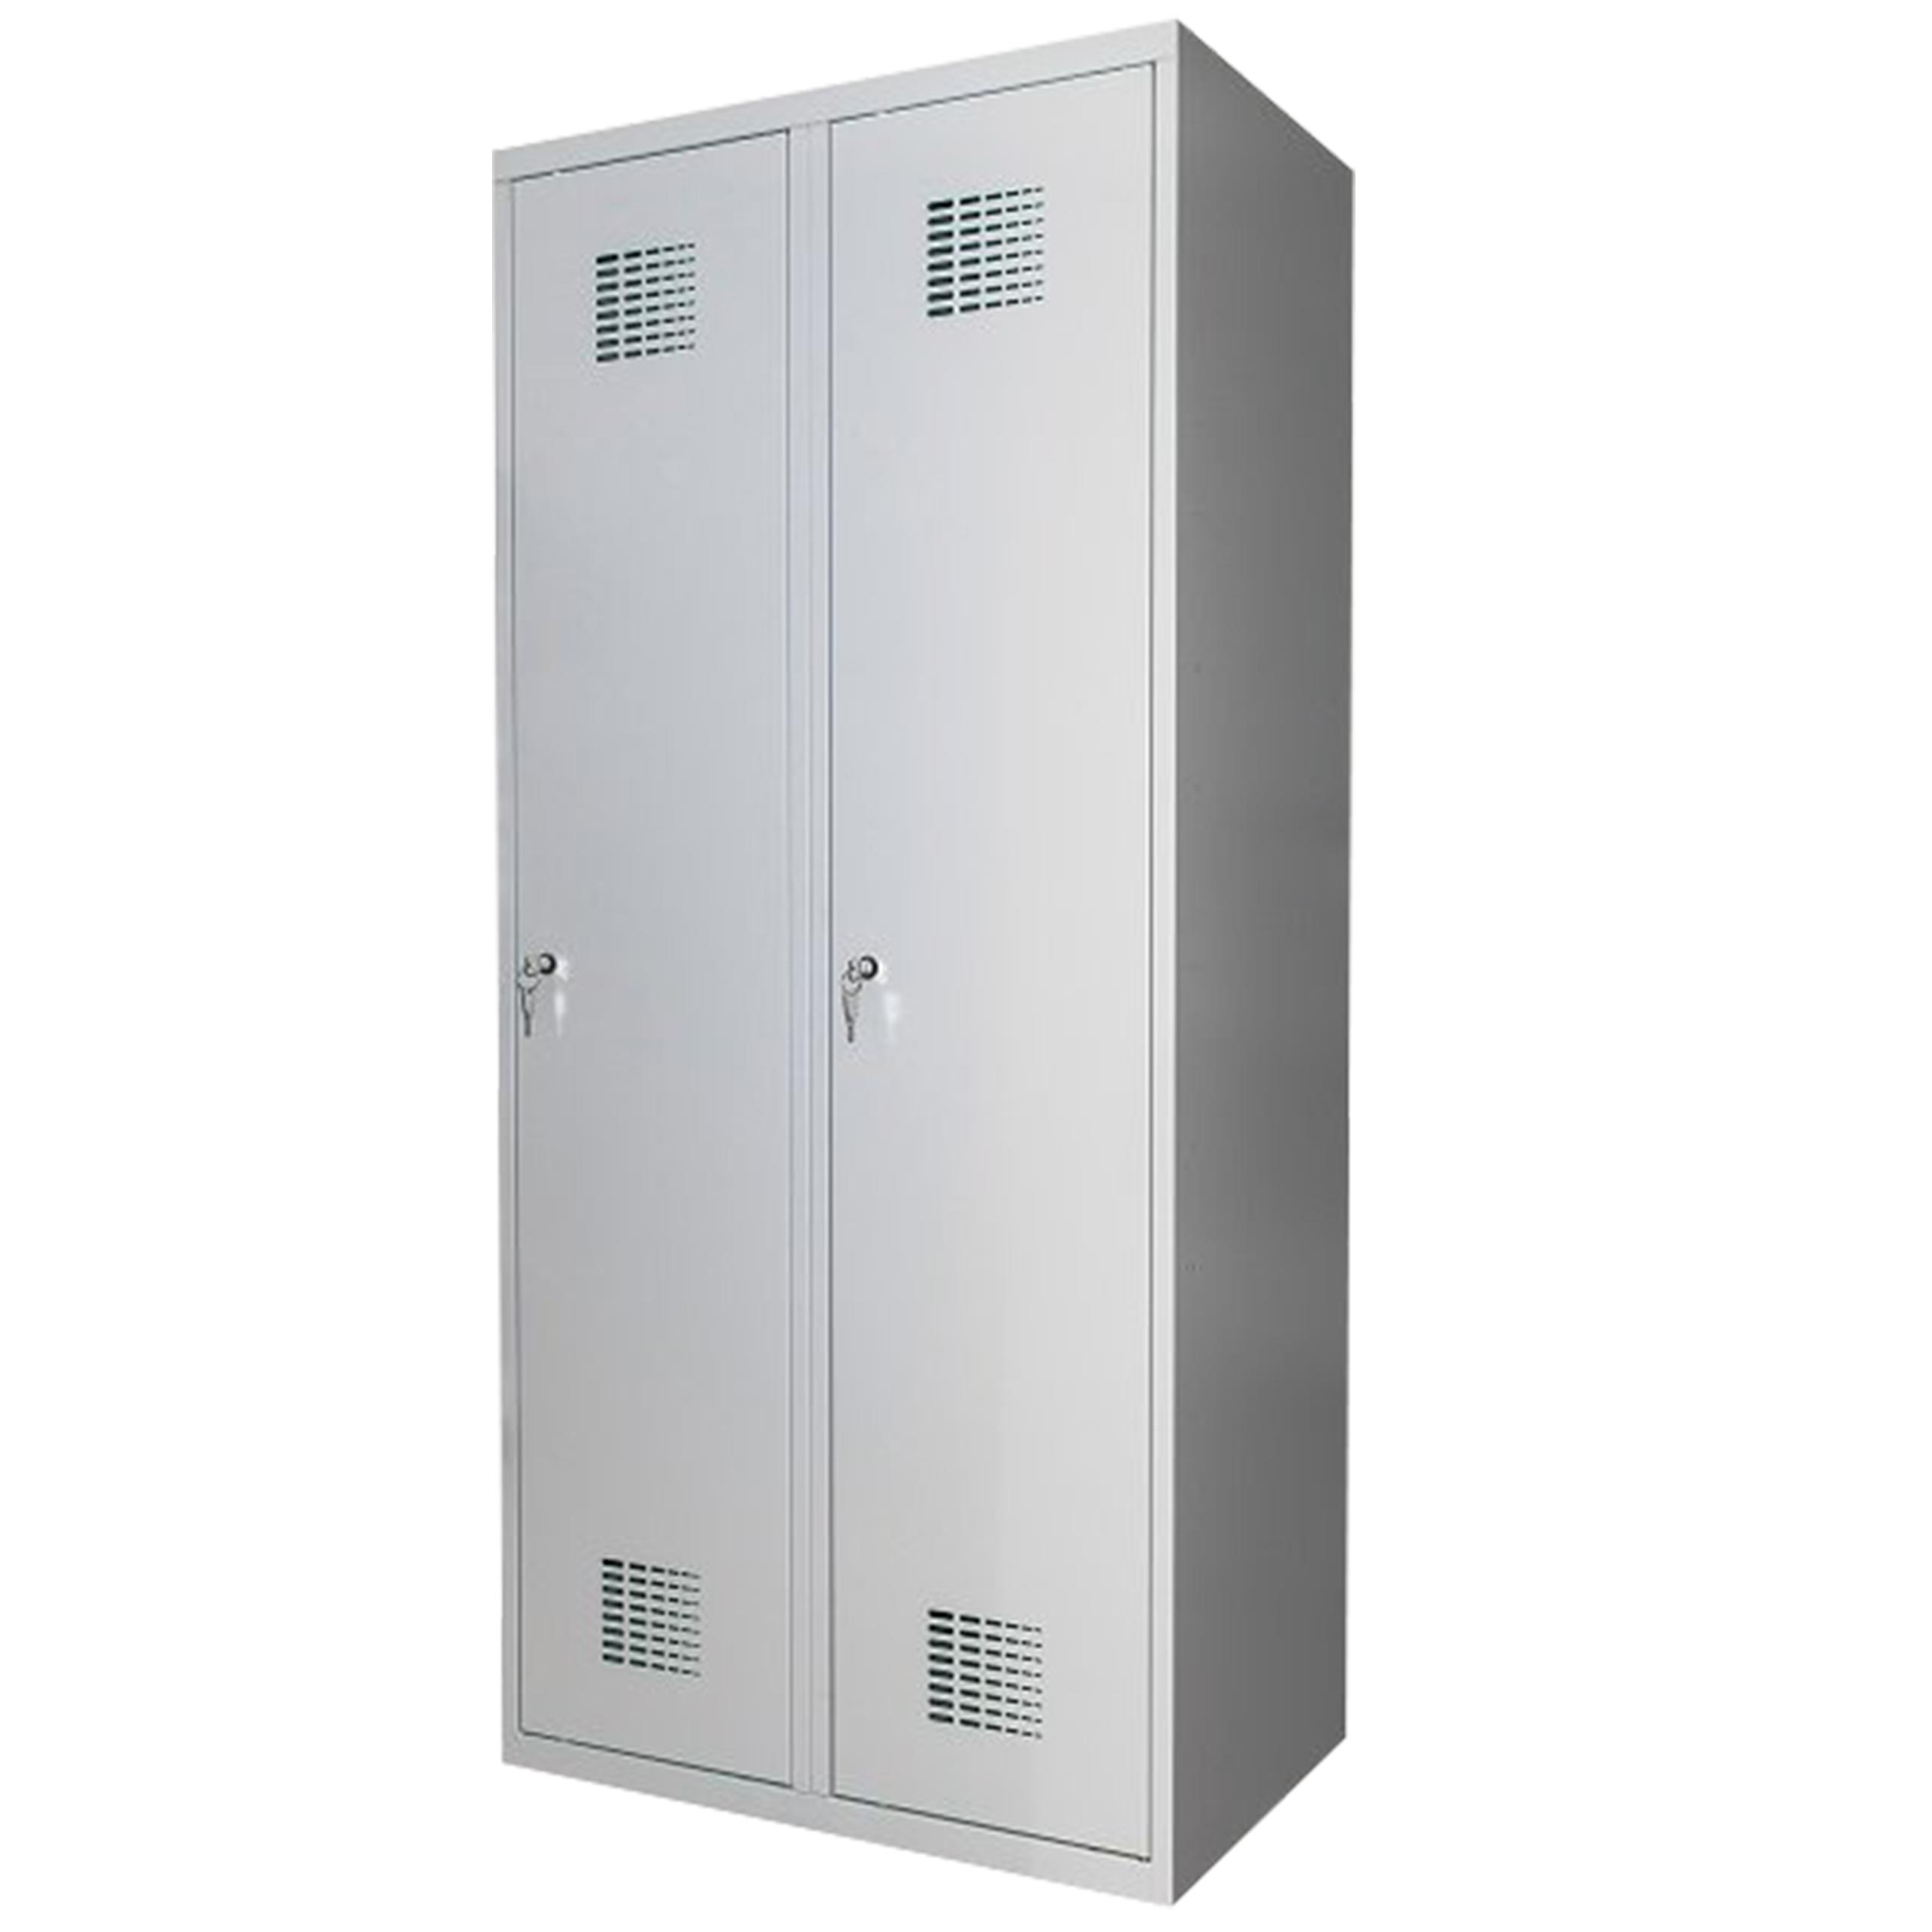 Шкаф шкаф для одежды ЭКОНОМИЧЕСКАЯ PROBOX 180x80x50CM